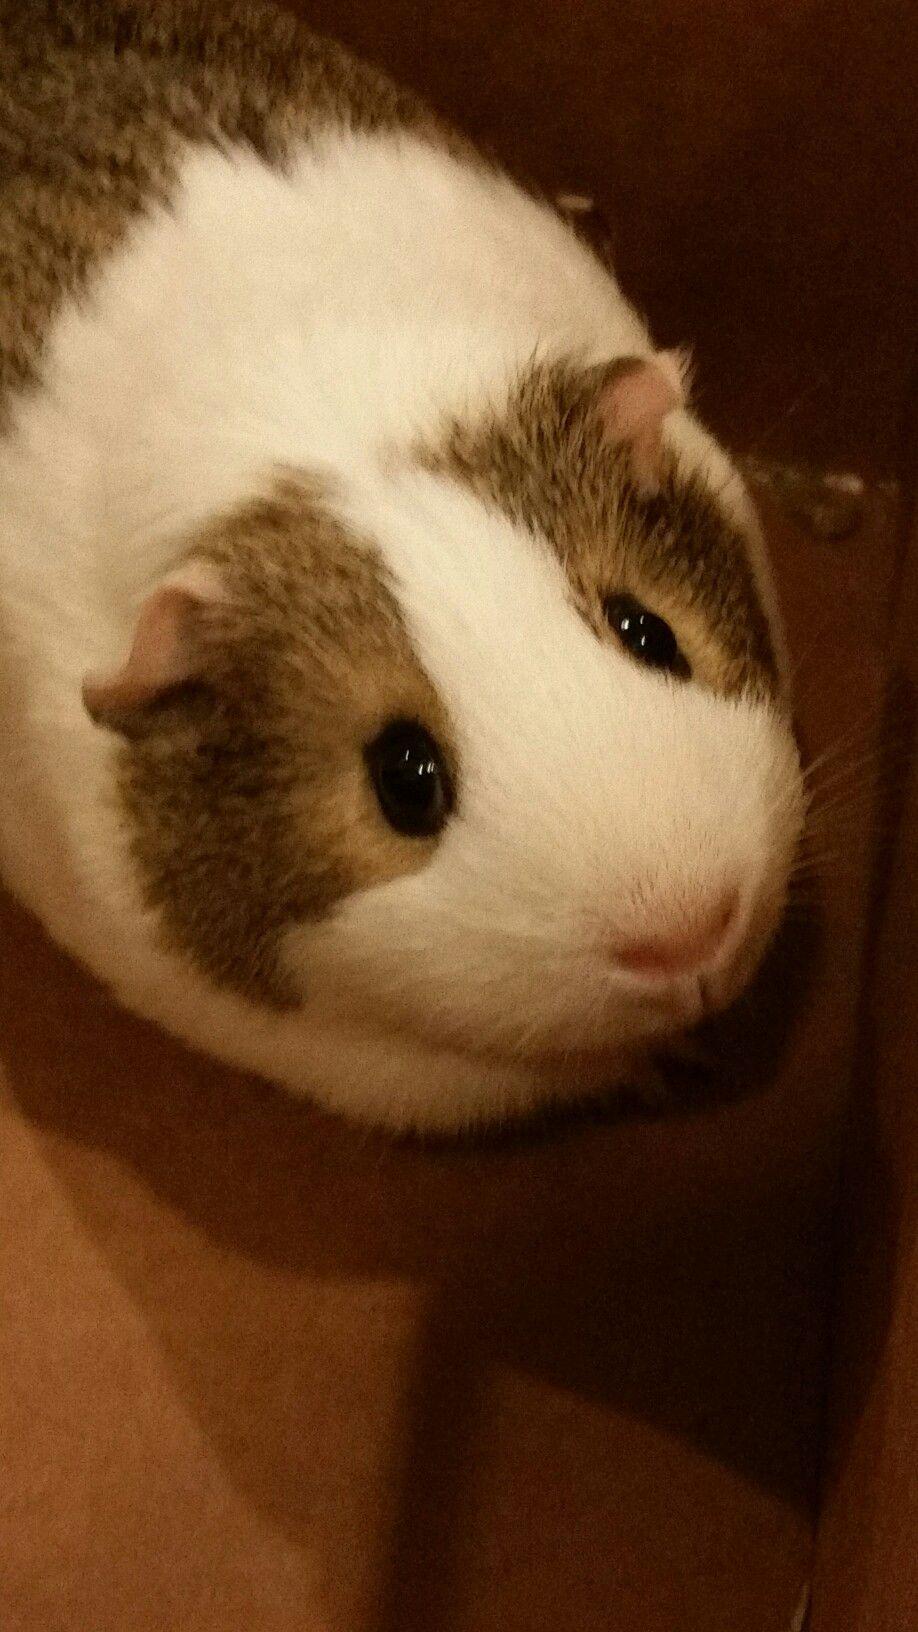 Pin de Deborah White en Guinea Pigs!!! | Pinterest | Cobaya, Indio y ...